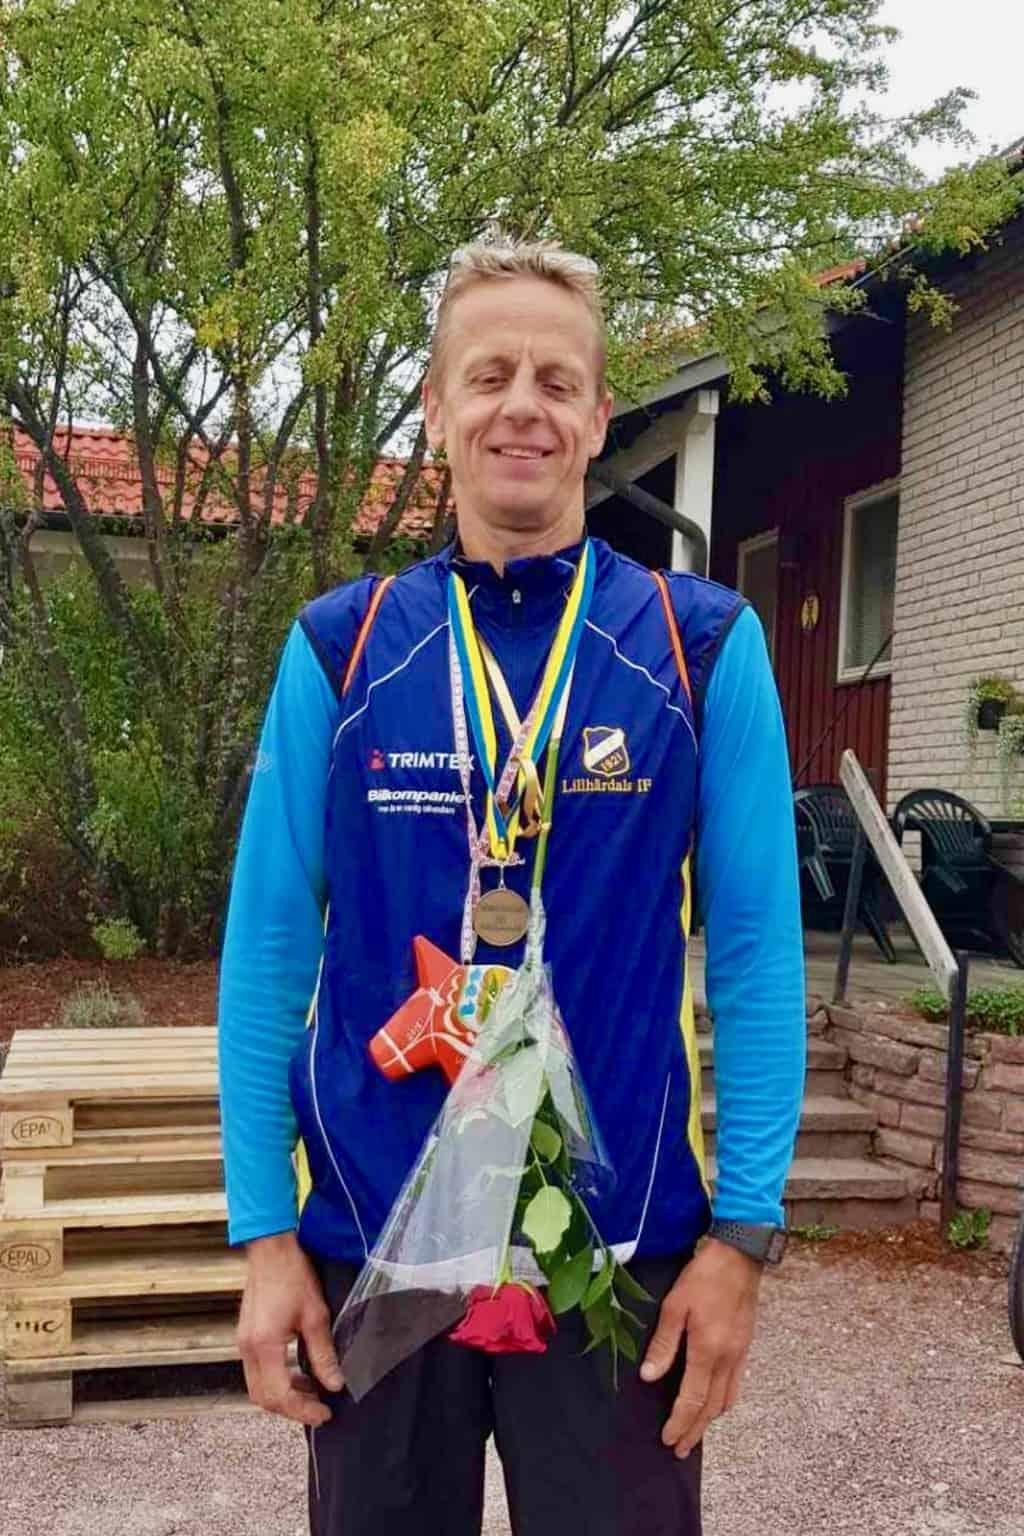 Klubbens prestation stod ändå Per Busk för, som ensam sprang den 9 mil långa sträckan mellan Sälen och Mora. Foto: Klara Lundqvist